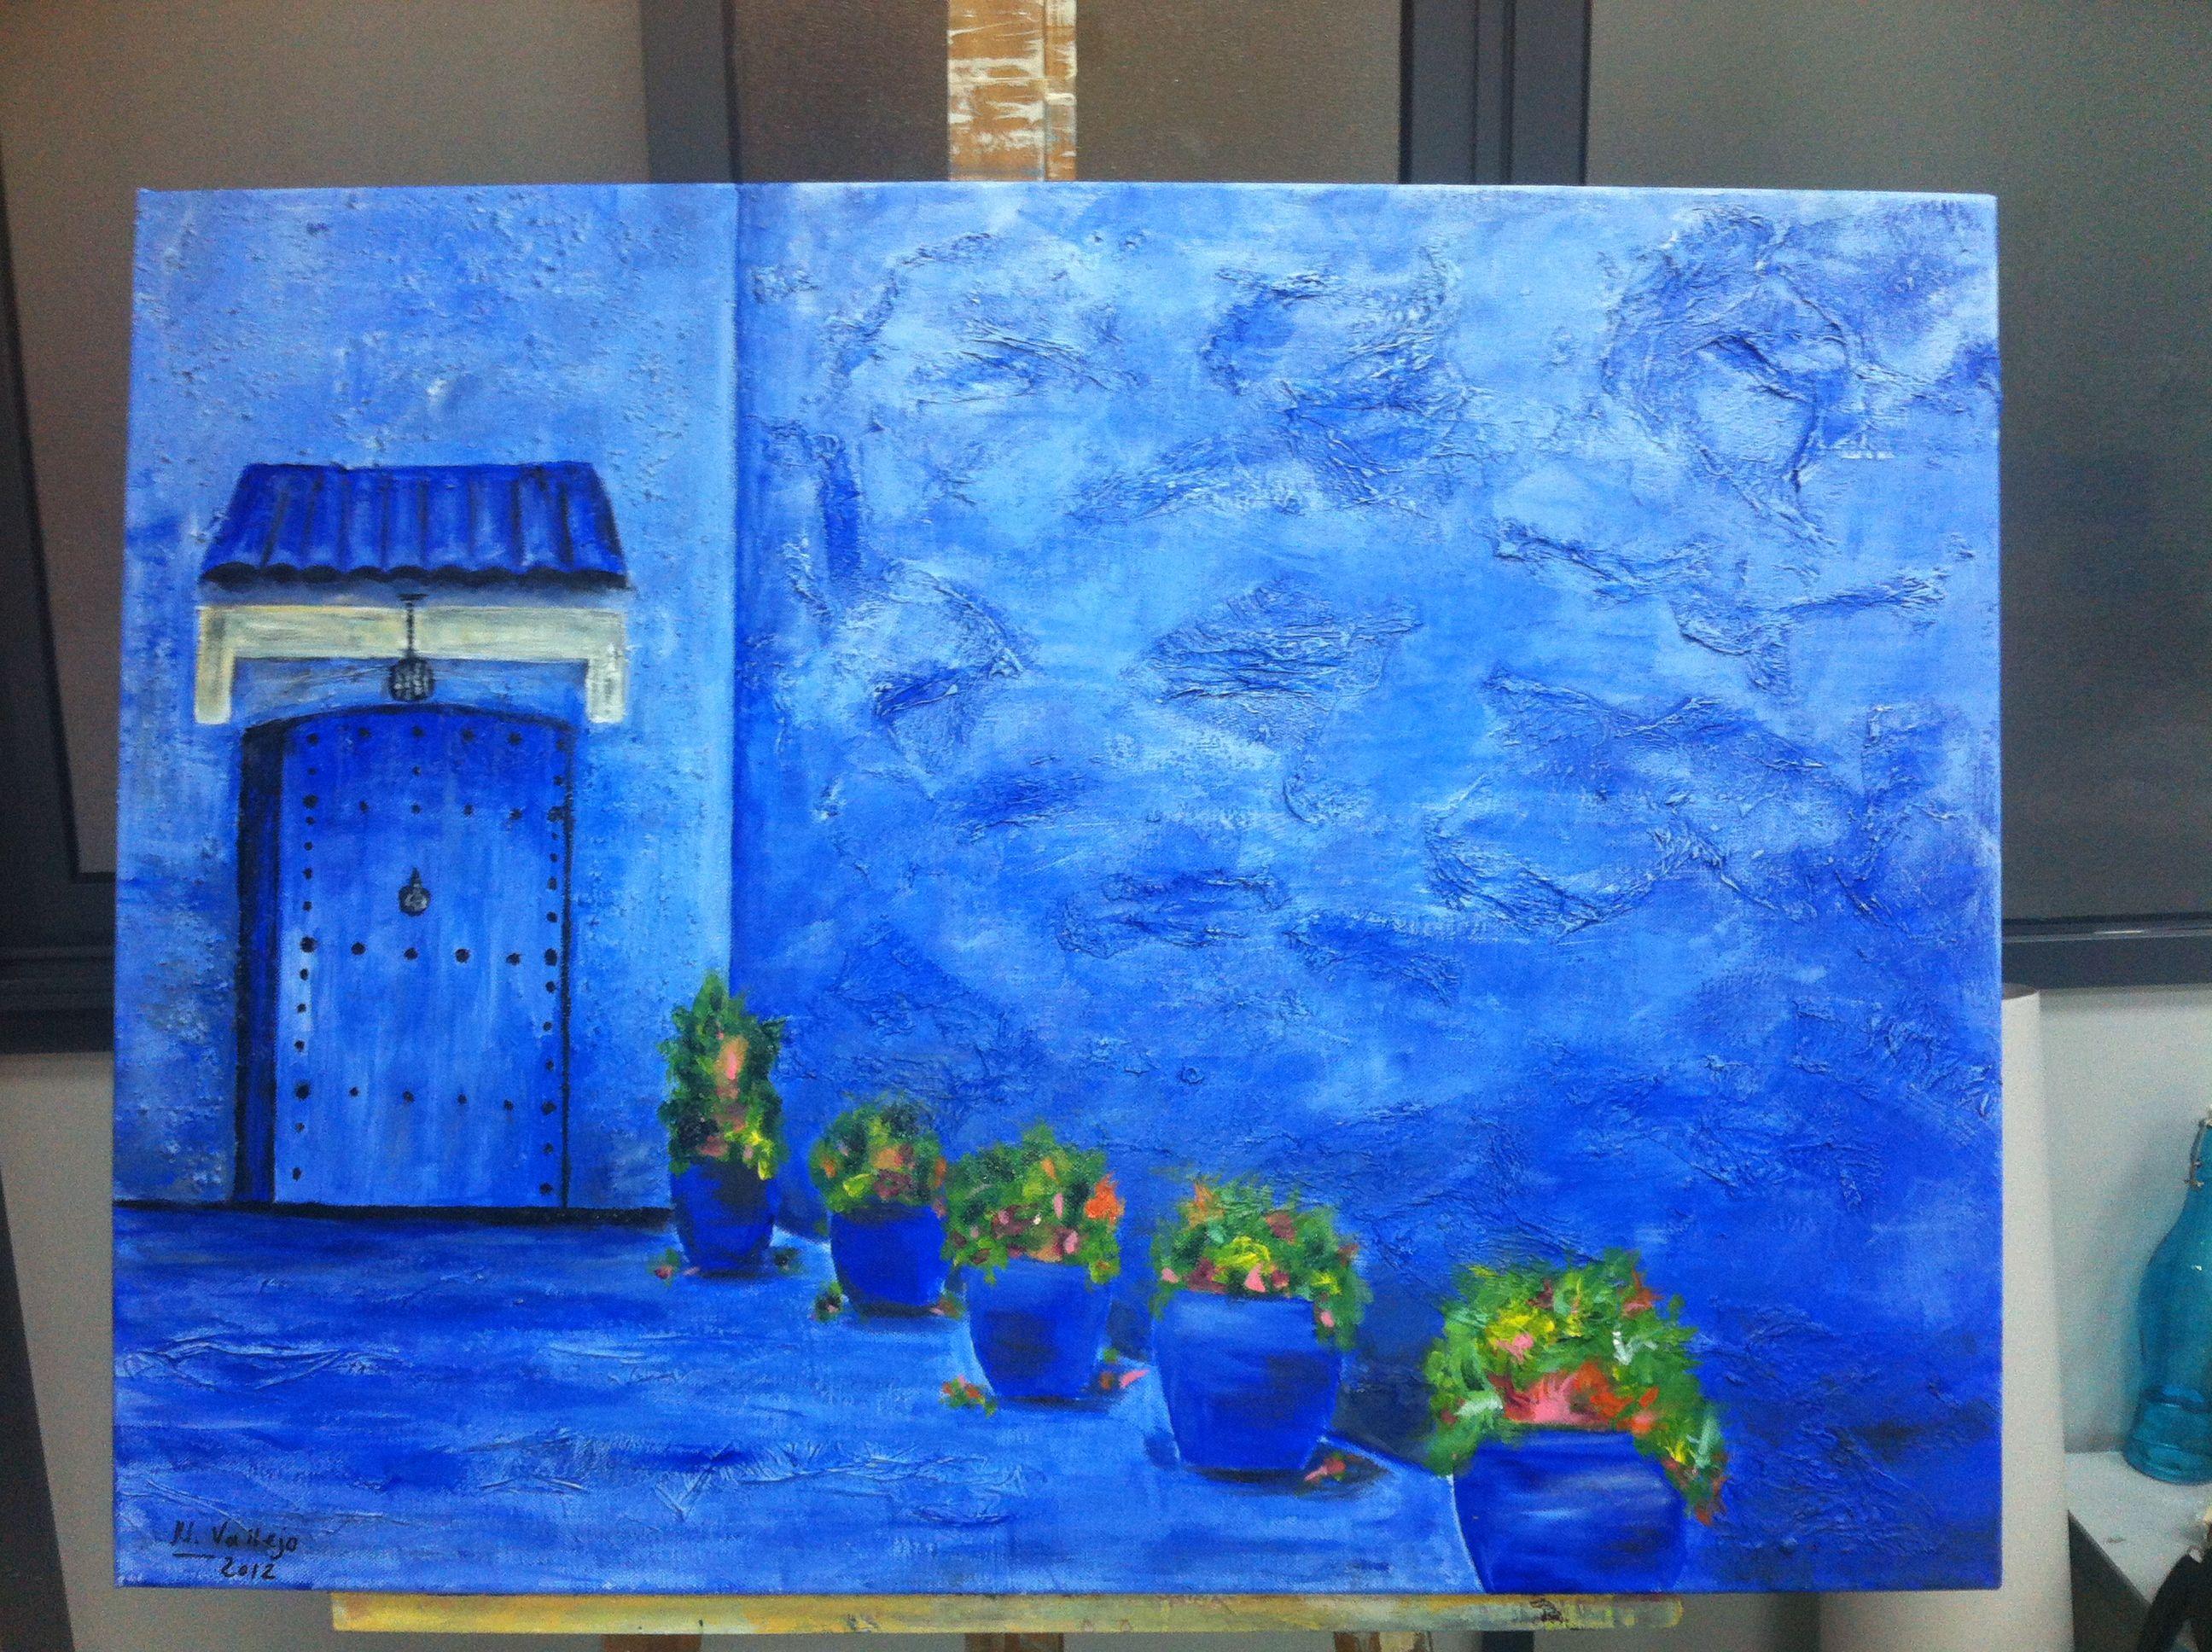 Acr lico sobre lienzo con textura chaouen marruecos - Acrilico sobre lienzo ...